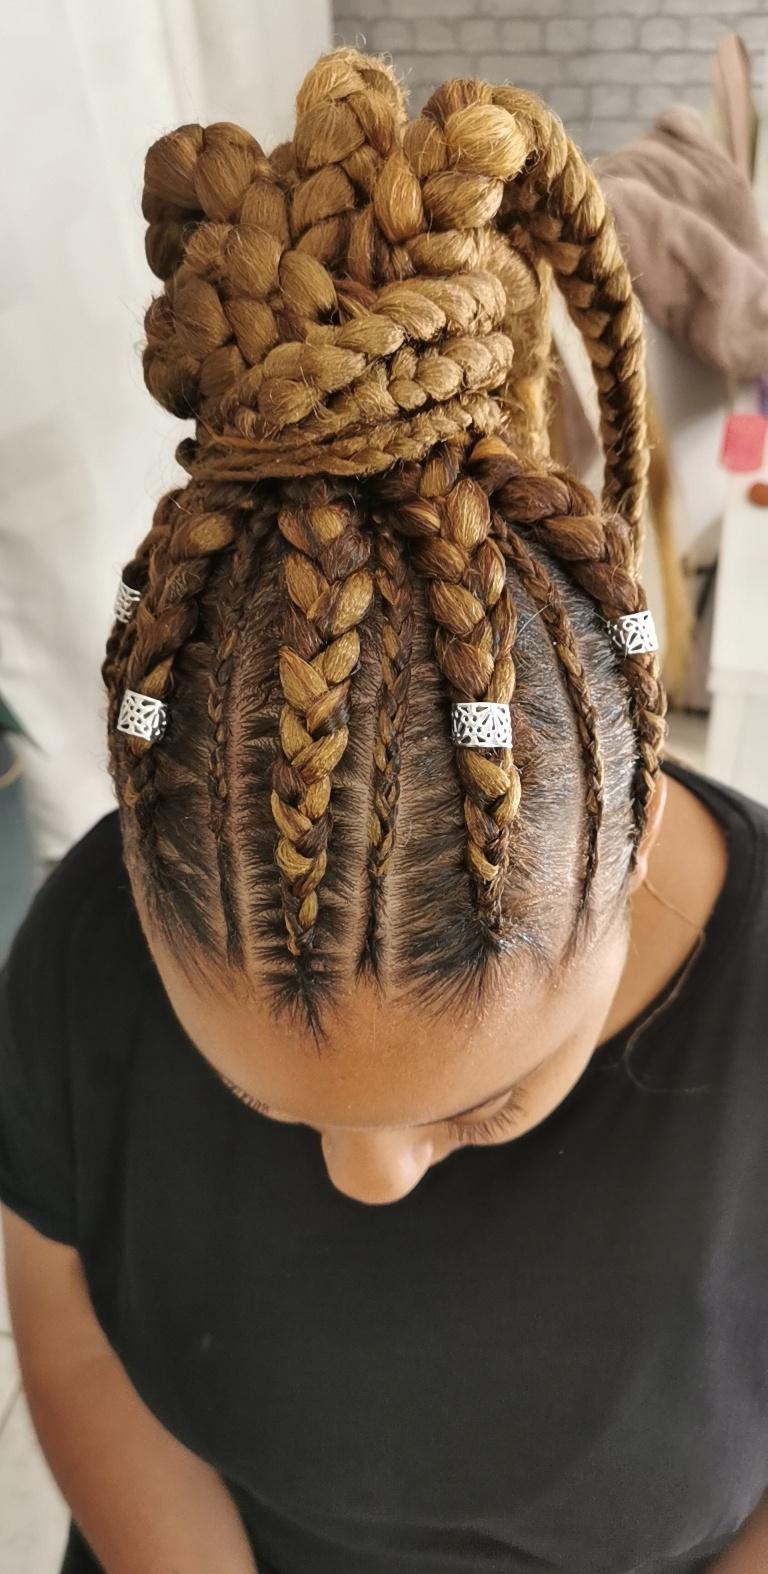 salon de coiffure afro tresse tresses box braids crochet braids vanilles tissages paris 75 77 78 91 92 93 94 95 XZZPZCTP